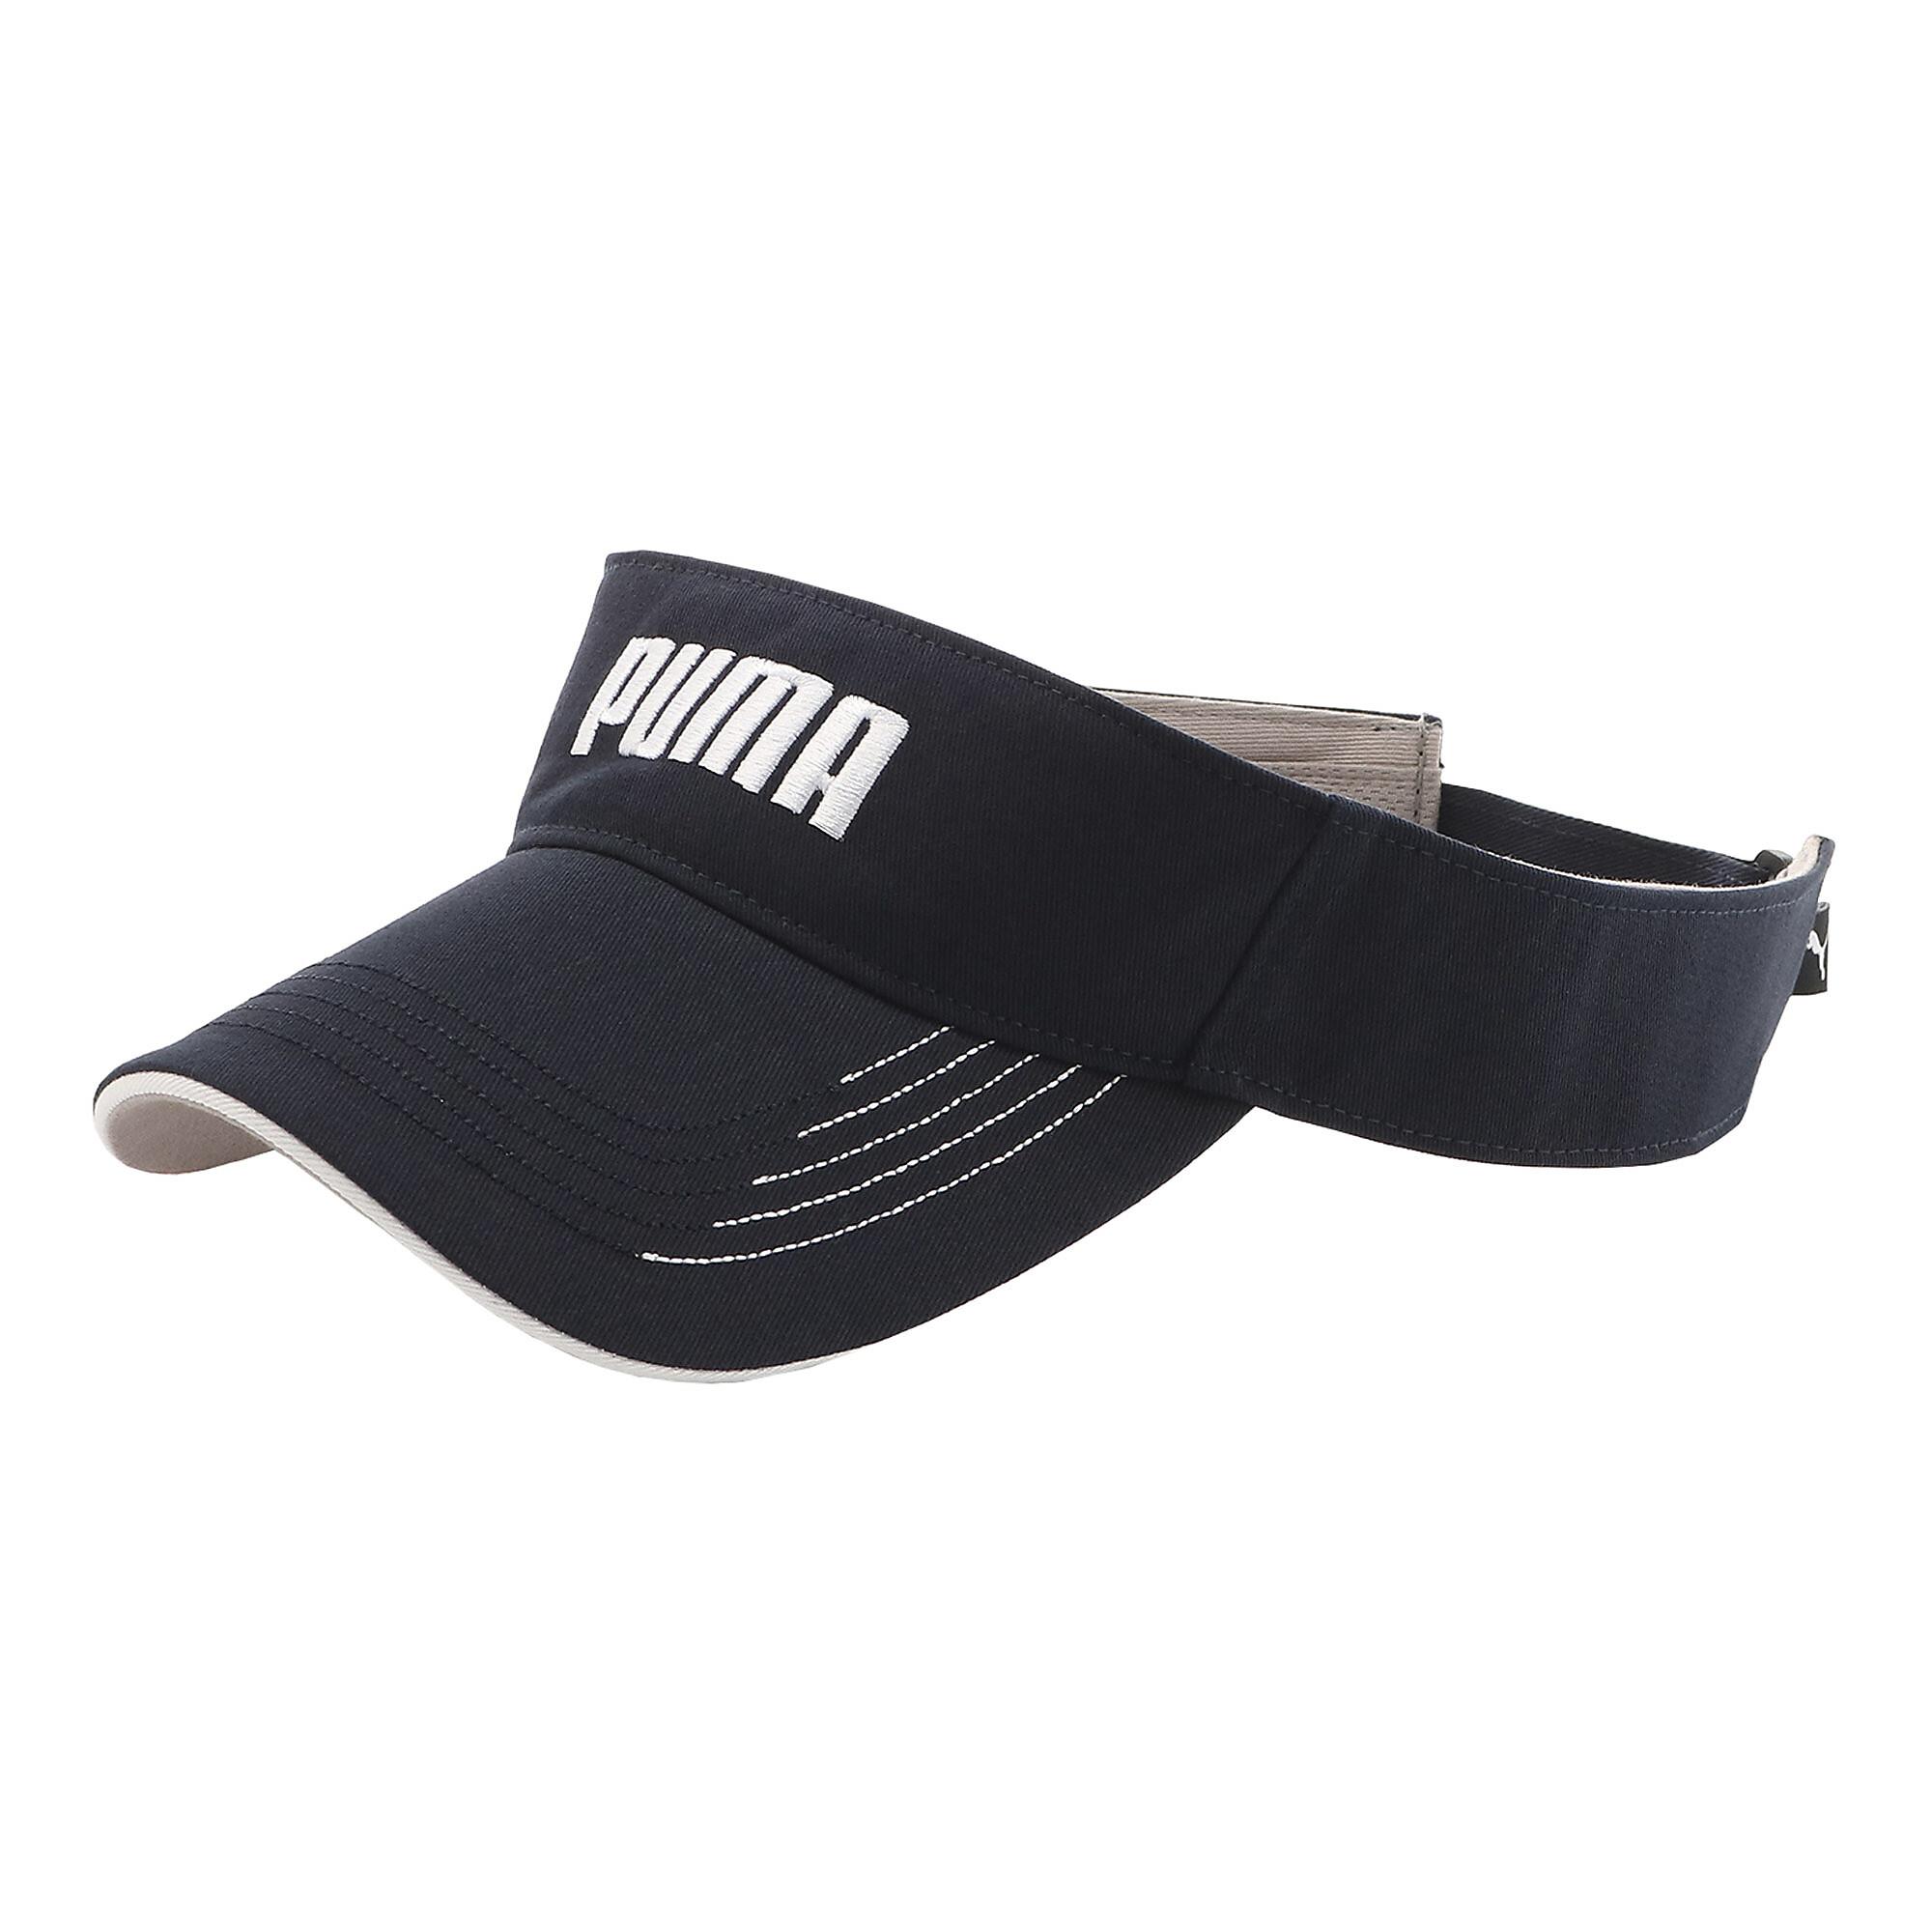 【プーマ公式通販】 プーマ ゴルフ ツイル バイザー メンズ Peacoat |PUMA.com